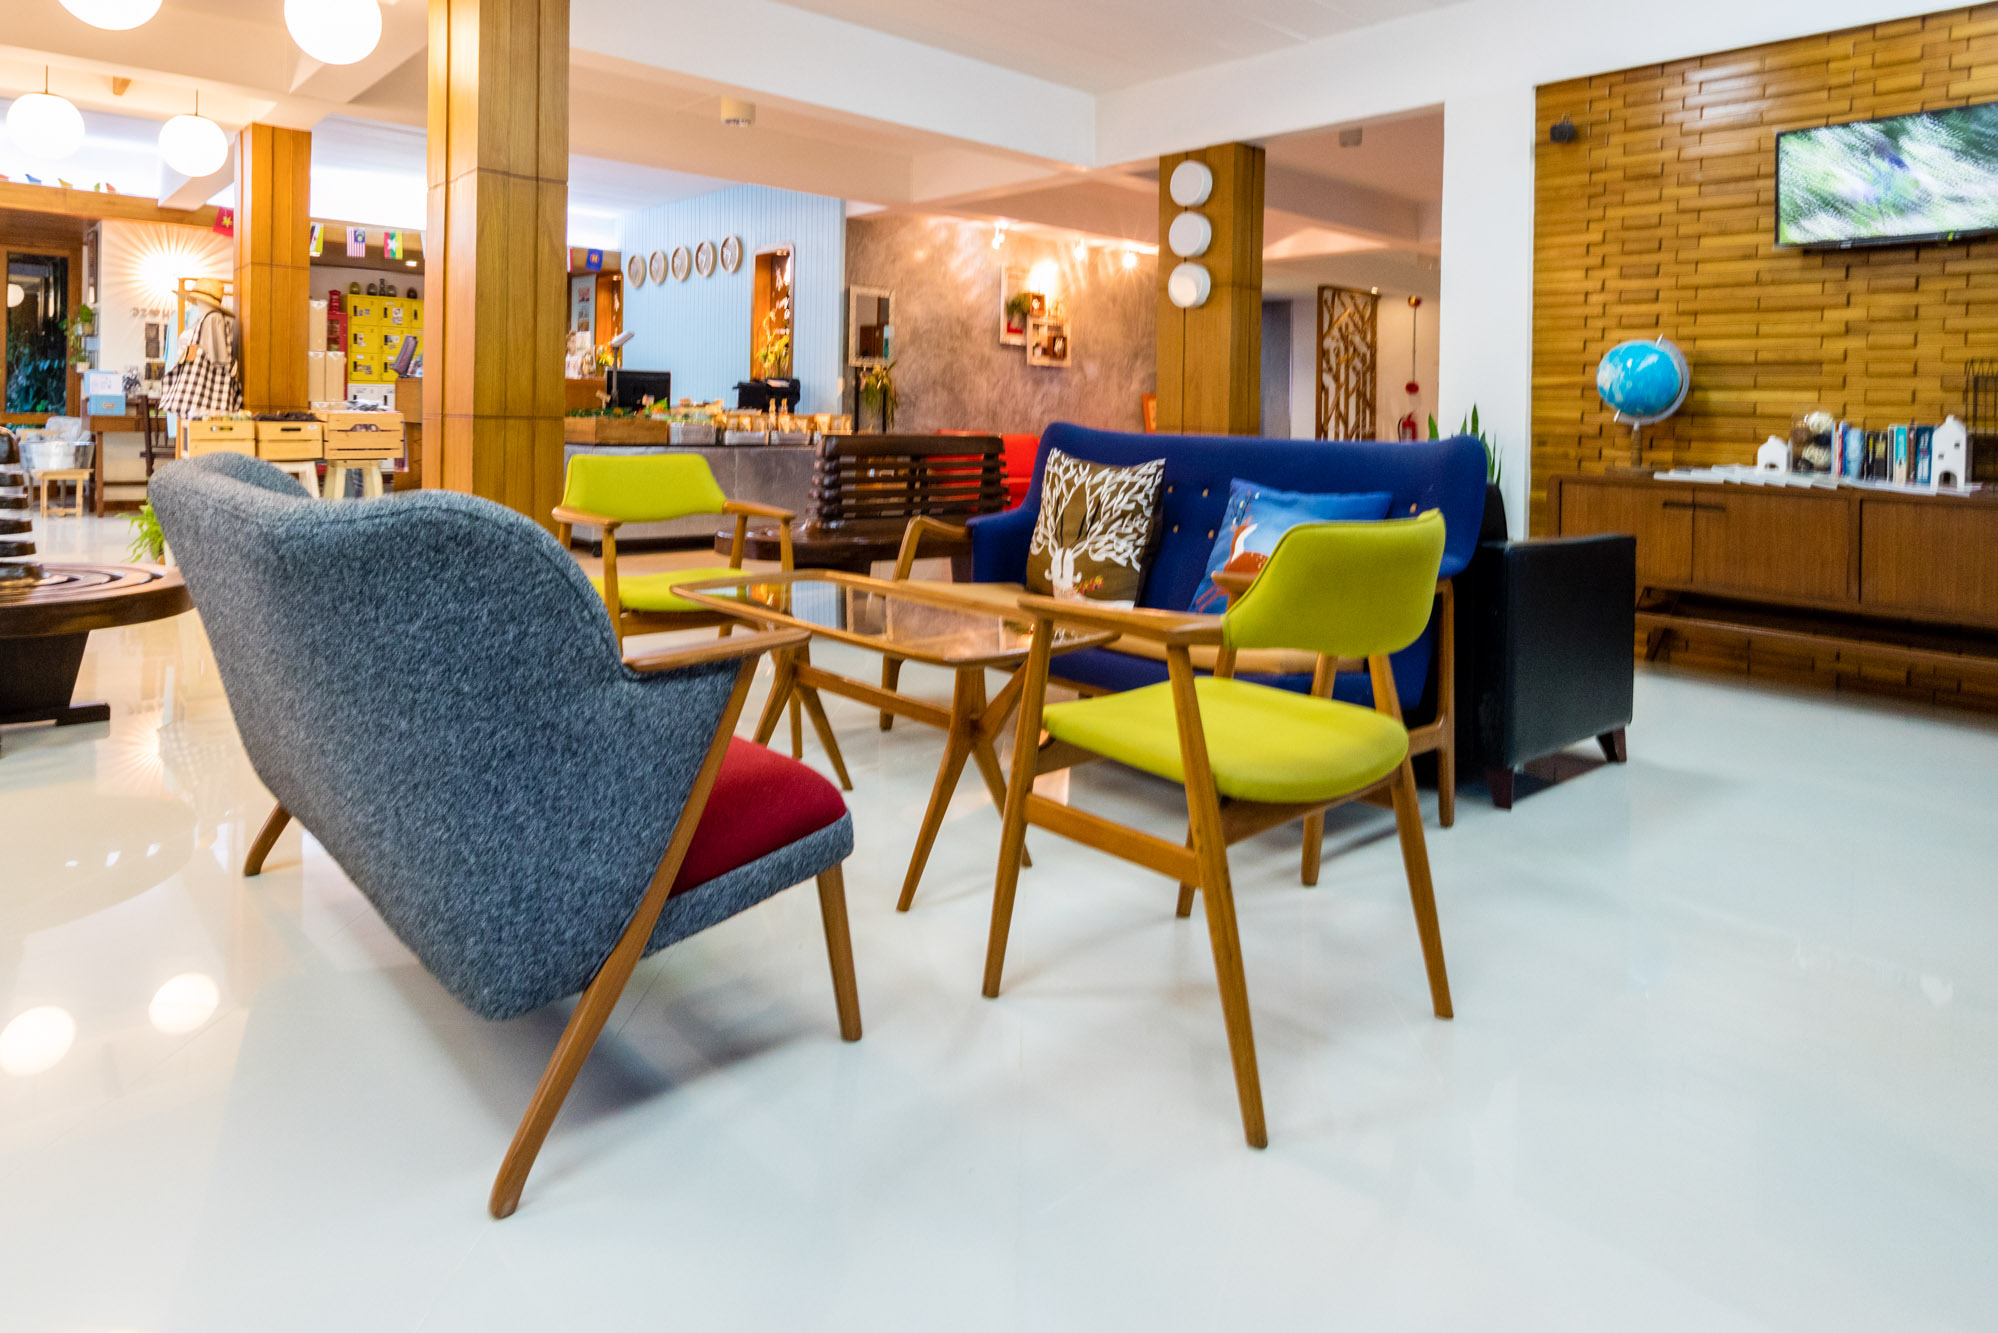 โรงแรมเจทู แม่สอด รีวิวโรงแรม  J2 HOTEL MAESOT สวยงาม โดดเด่นมีเอกลักษณ์ IMG 3692